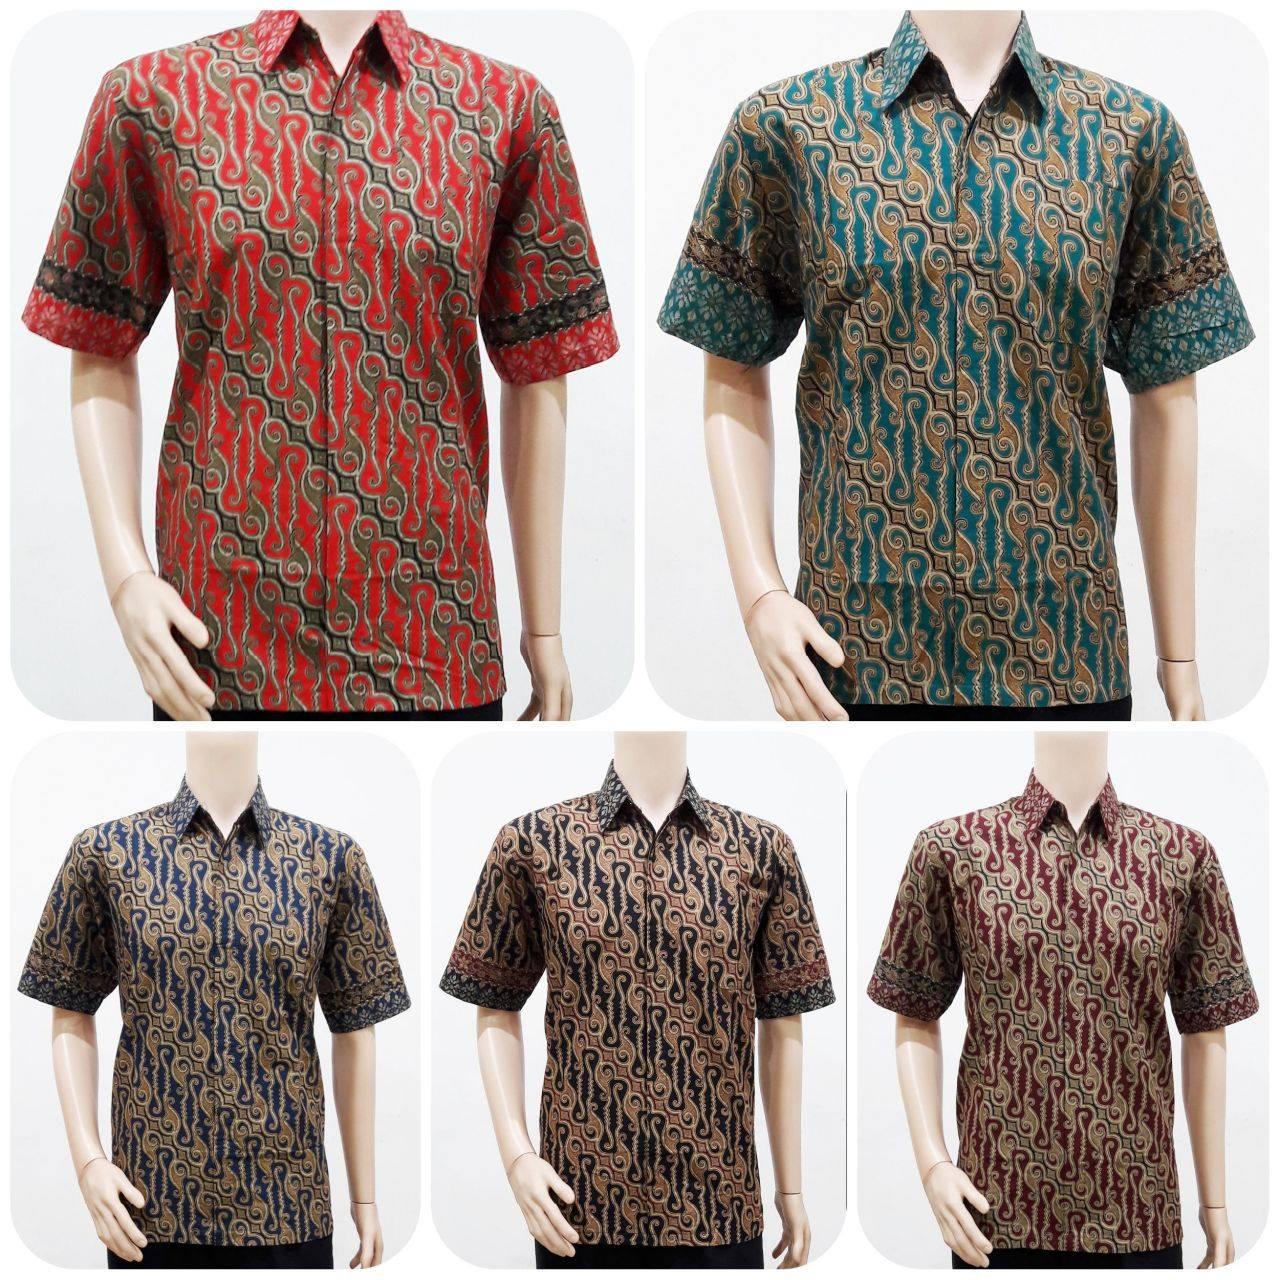 Jas Batik Pria Terbaru: Jual Model Batik Pria Modern Terbaru 2016 Motif Parang